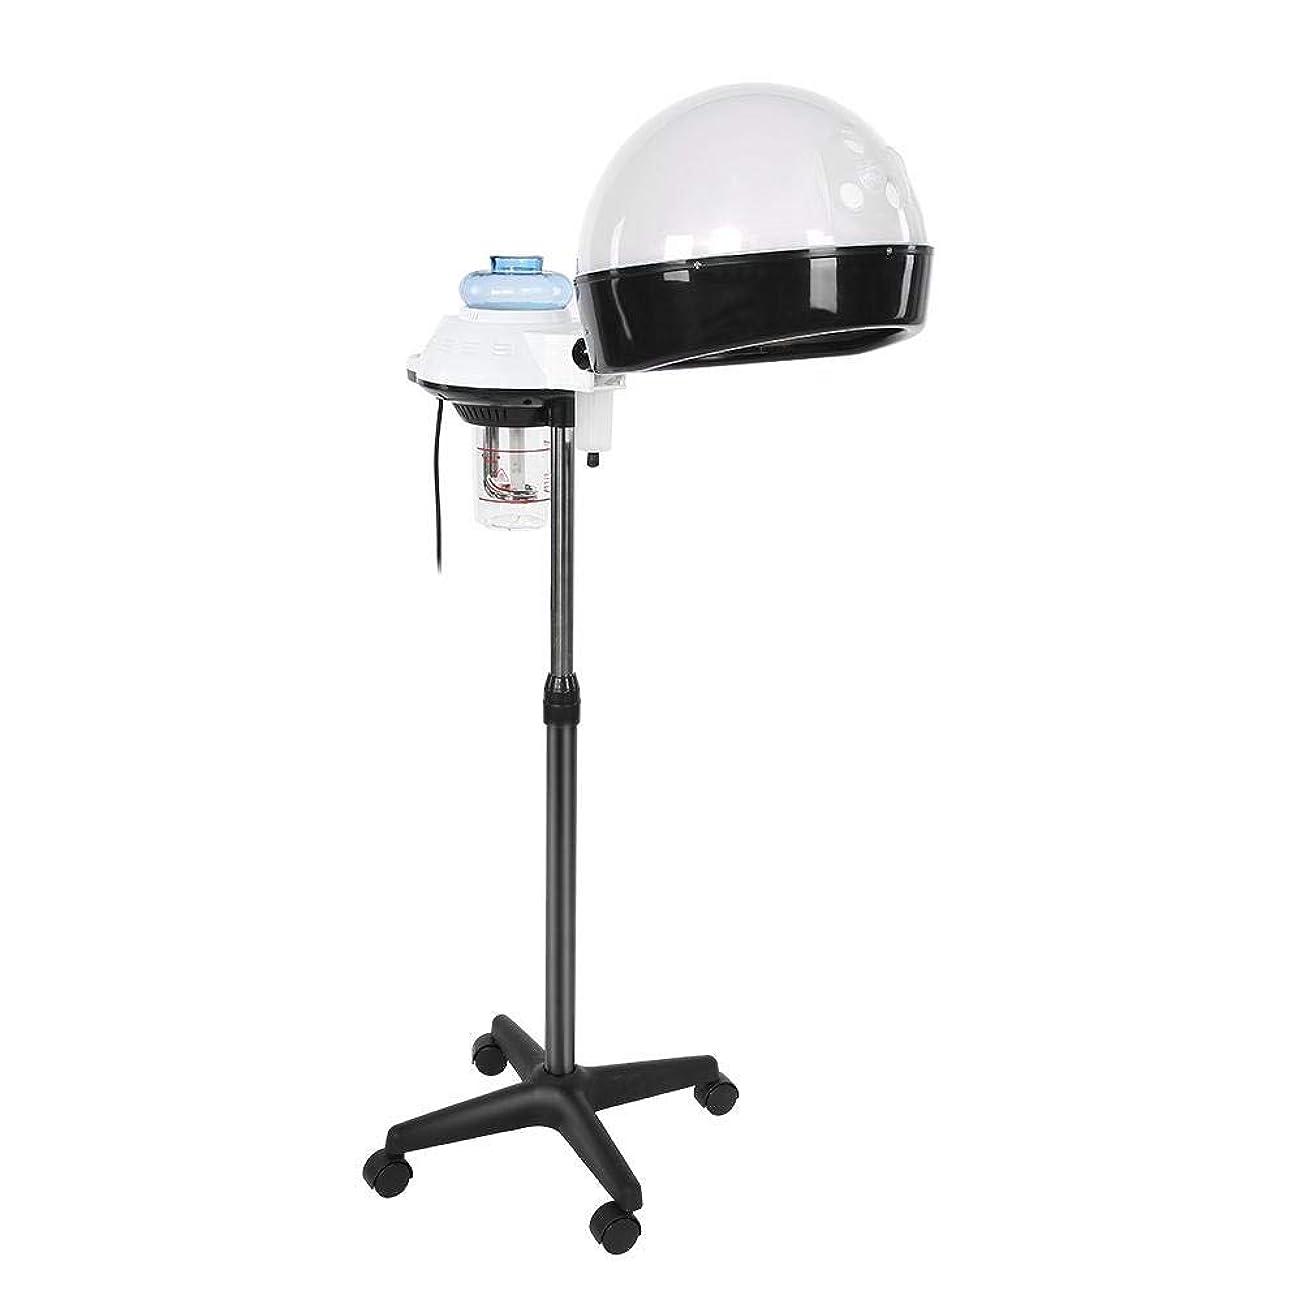 カバレッジすみません不承認ヘア 加湿器 パーソナルケア用のデザイン ホットミストオゾンヘアセラピー美容機器 個人用家庭用 (US)